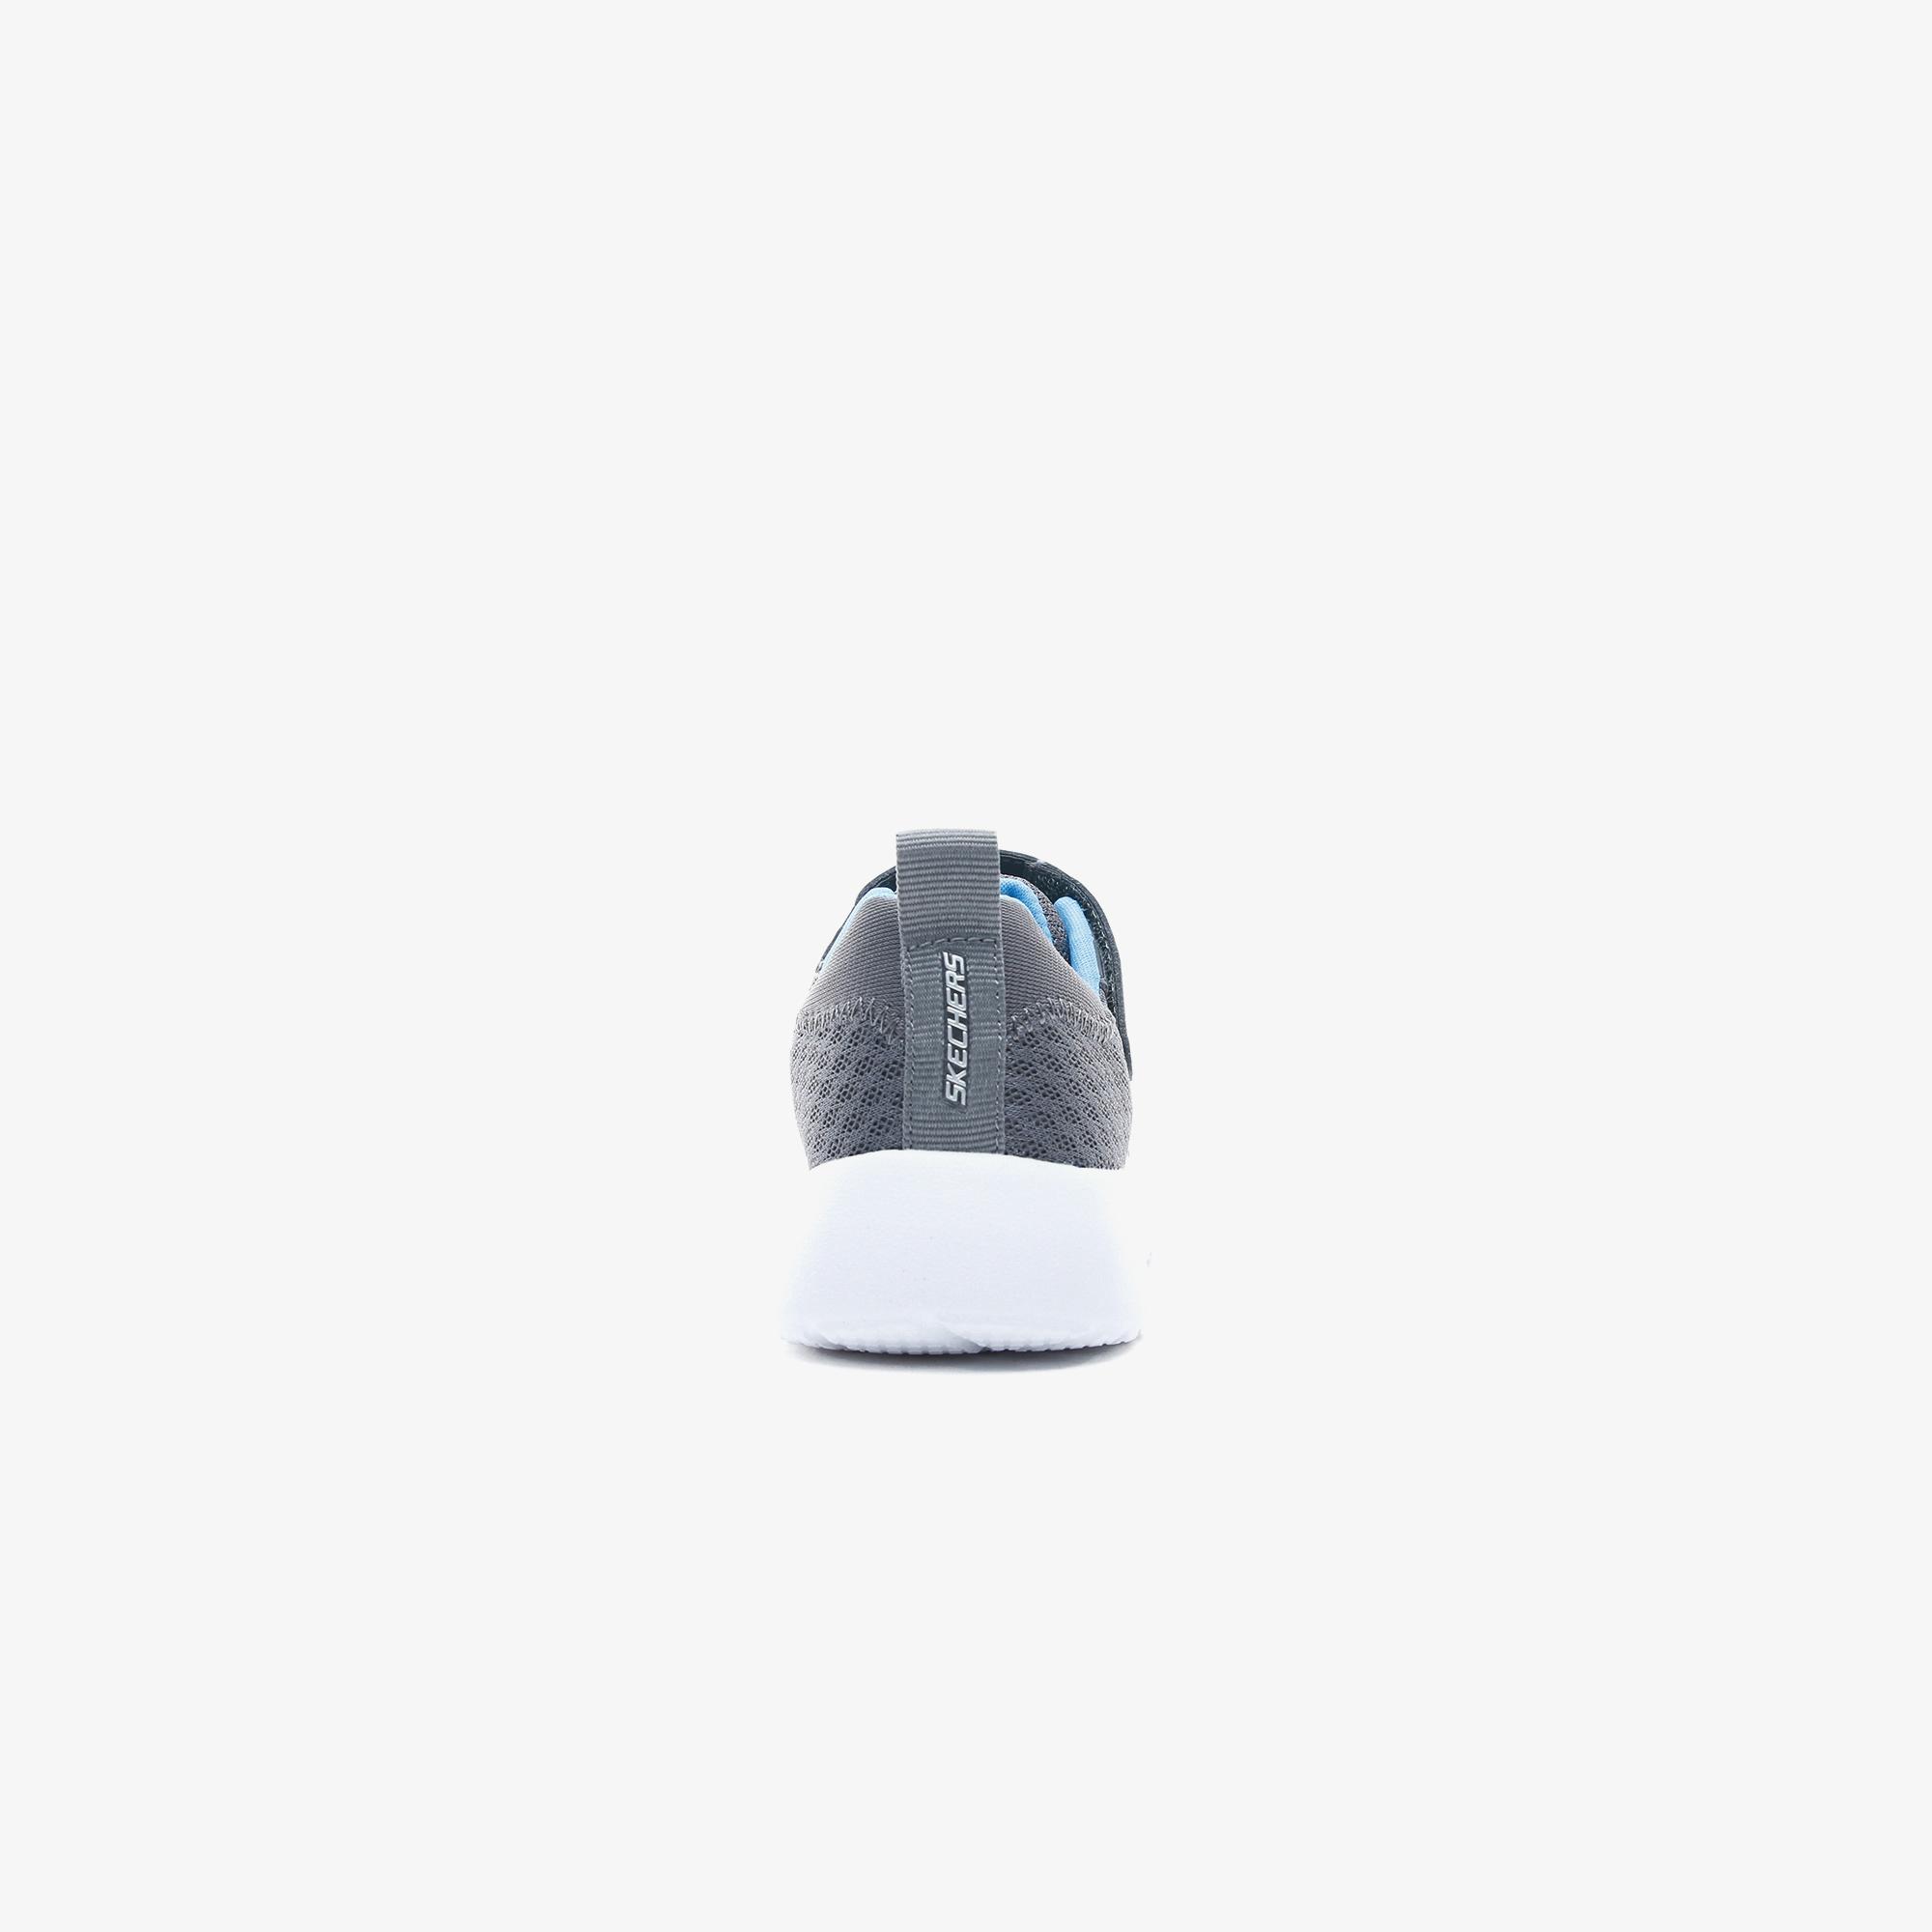 Skechers Dynamight - Hyper Torque Erkek Çocuk Gri-Mavi Spor Ayakkabı